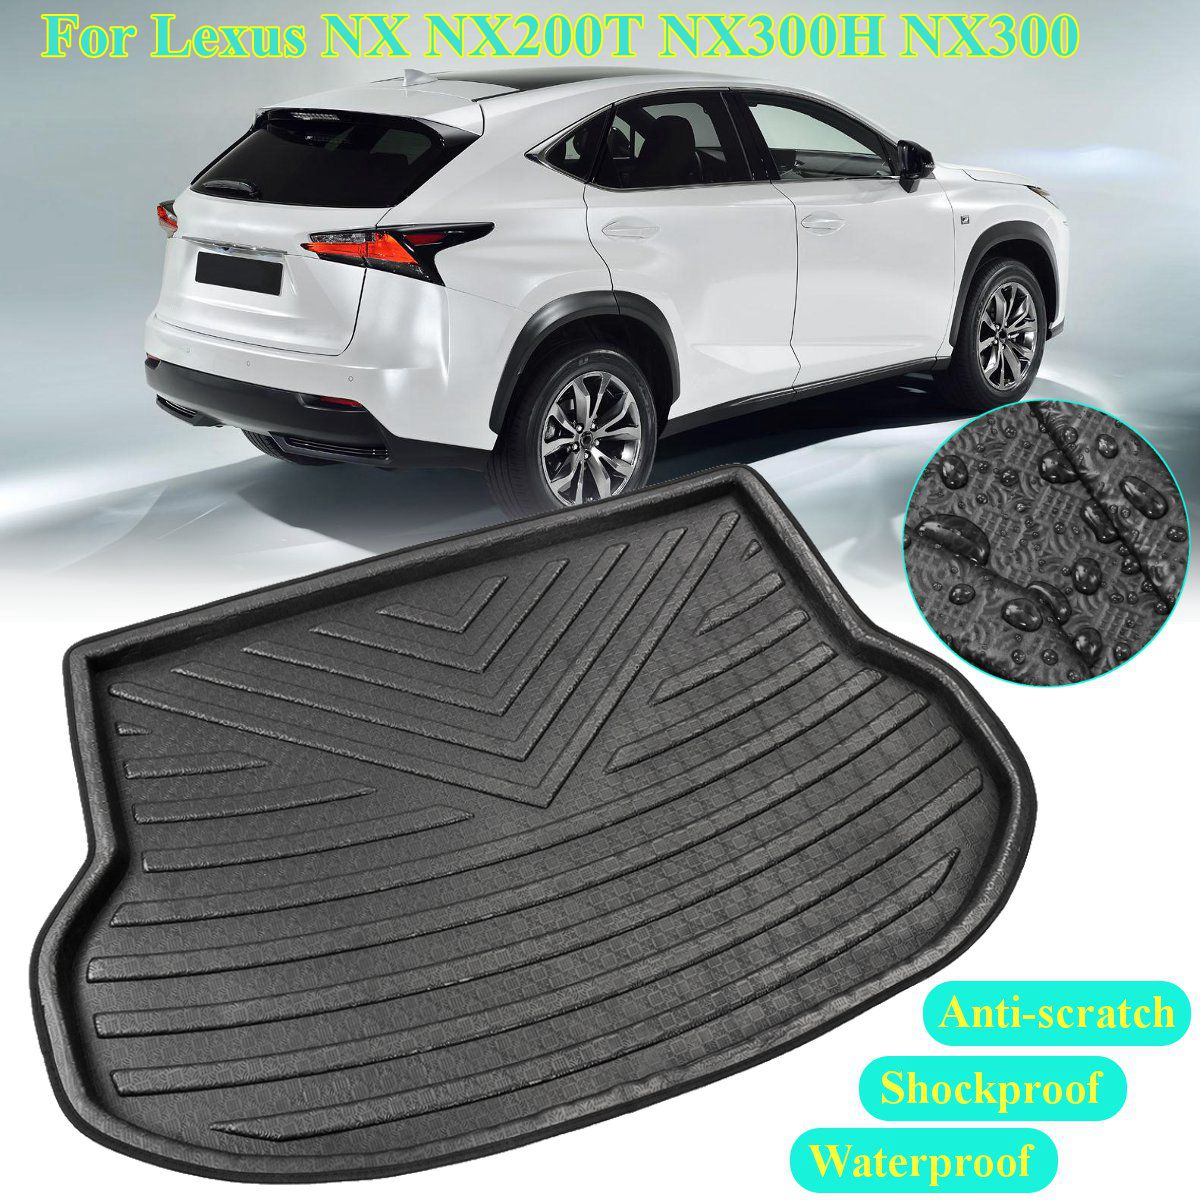 Accesorios para maletero Liner para Lexus NX NX200T NX300H NX300 2015 2016 2017 2018 esterilla trasera del maletero piso bandeja alfombra almohadilla de barro